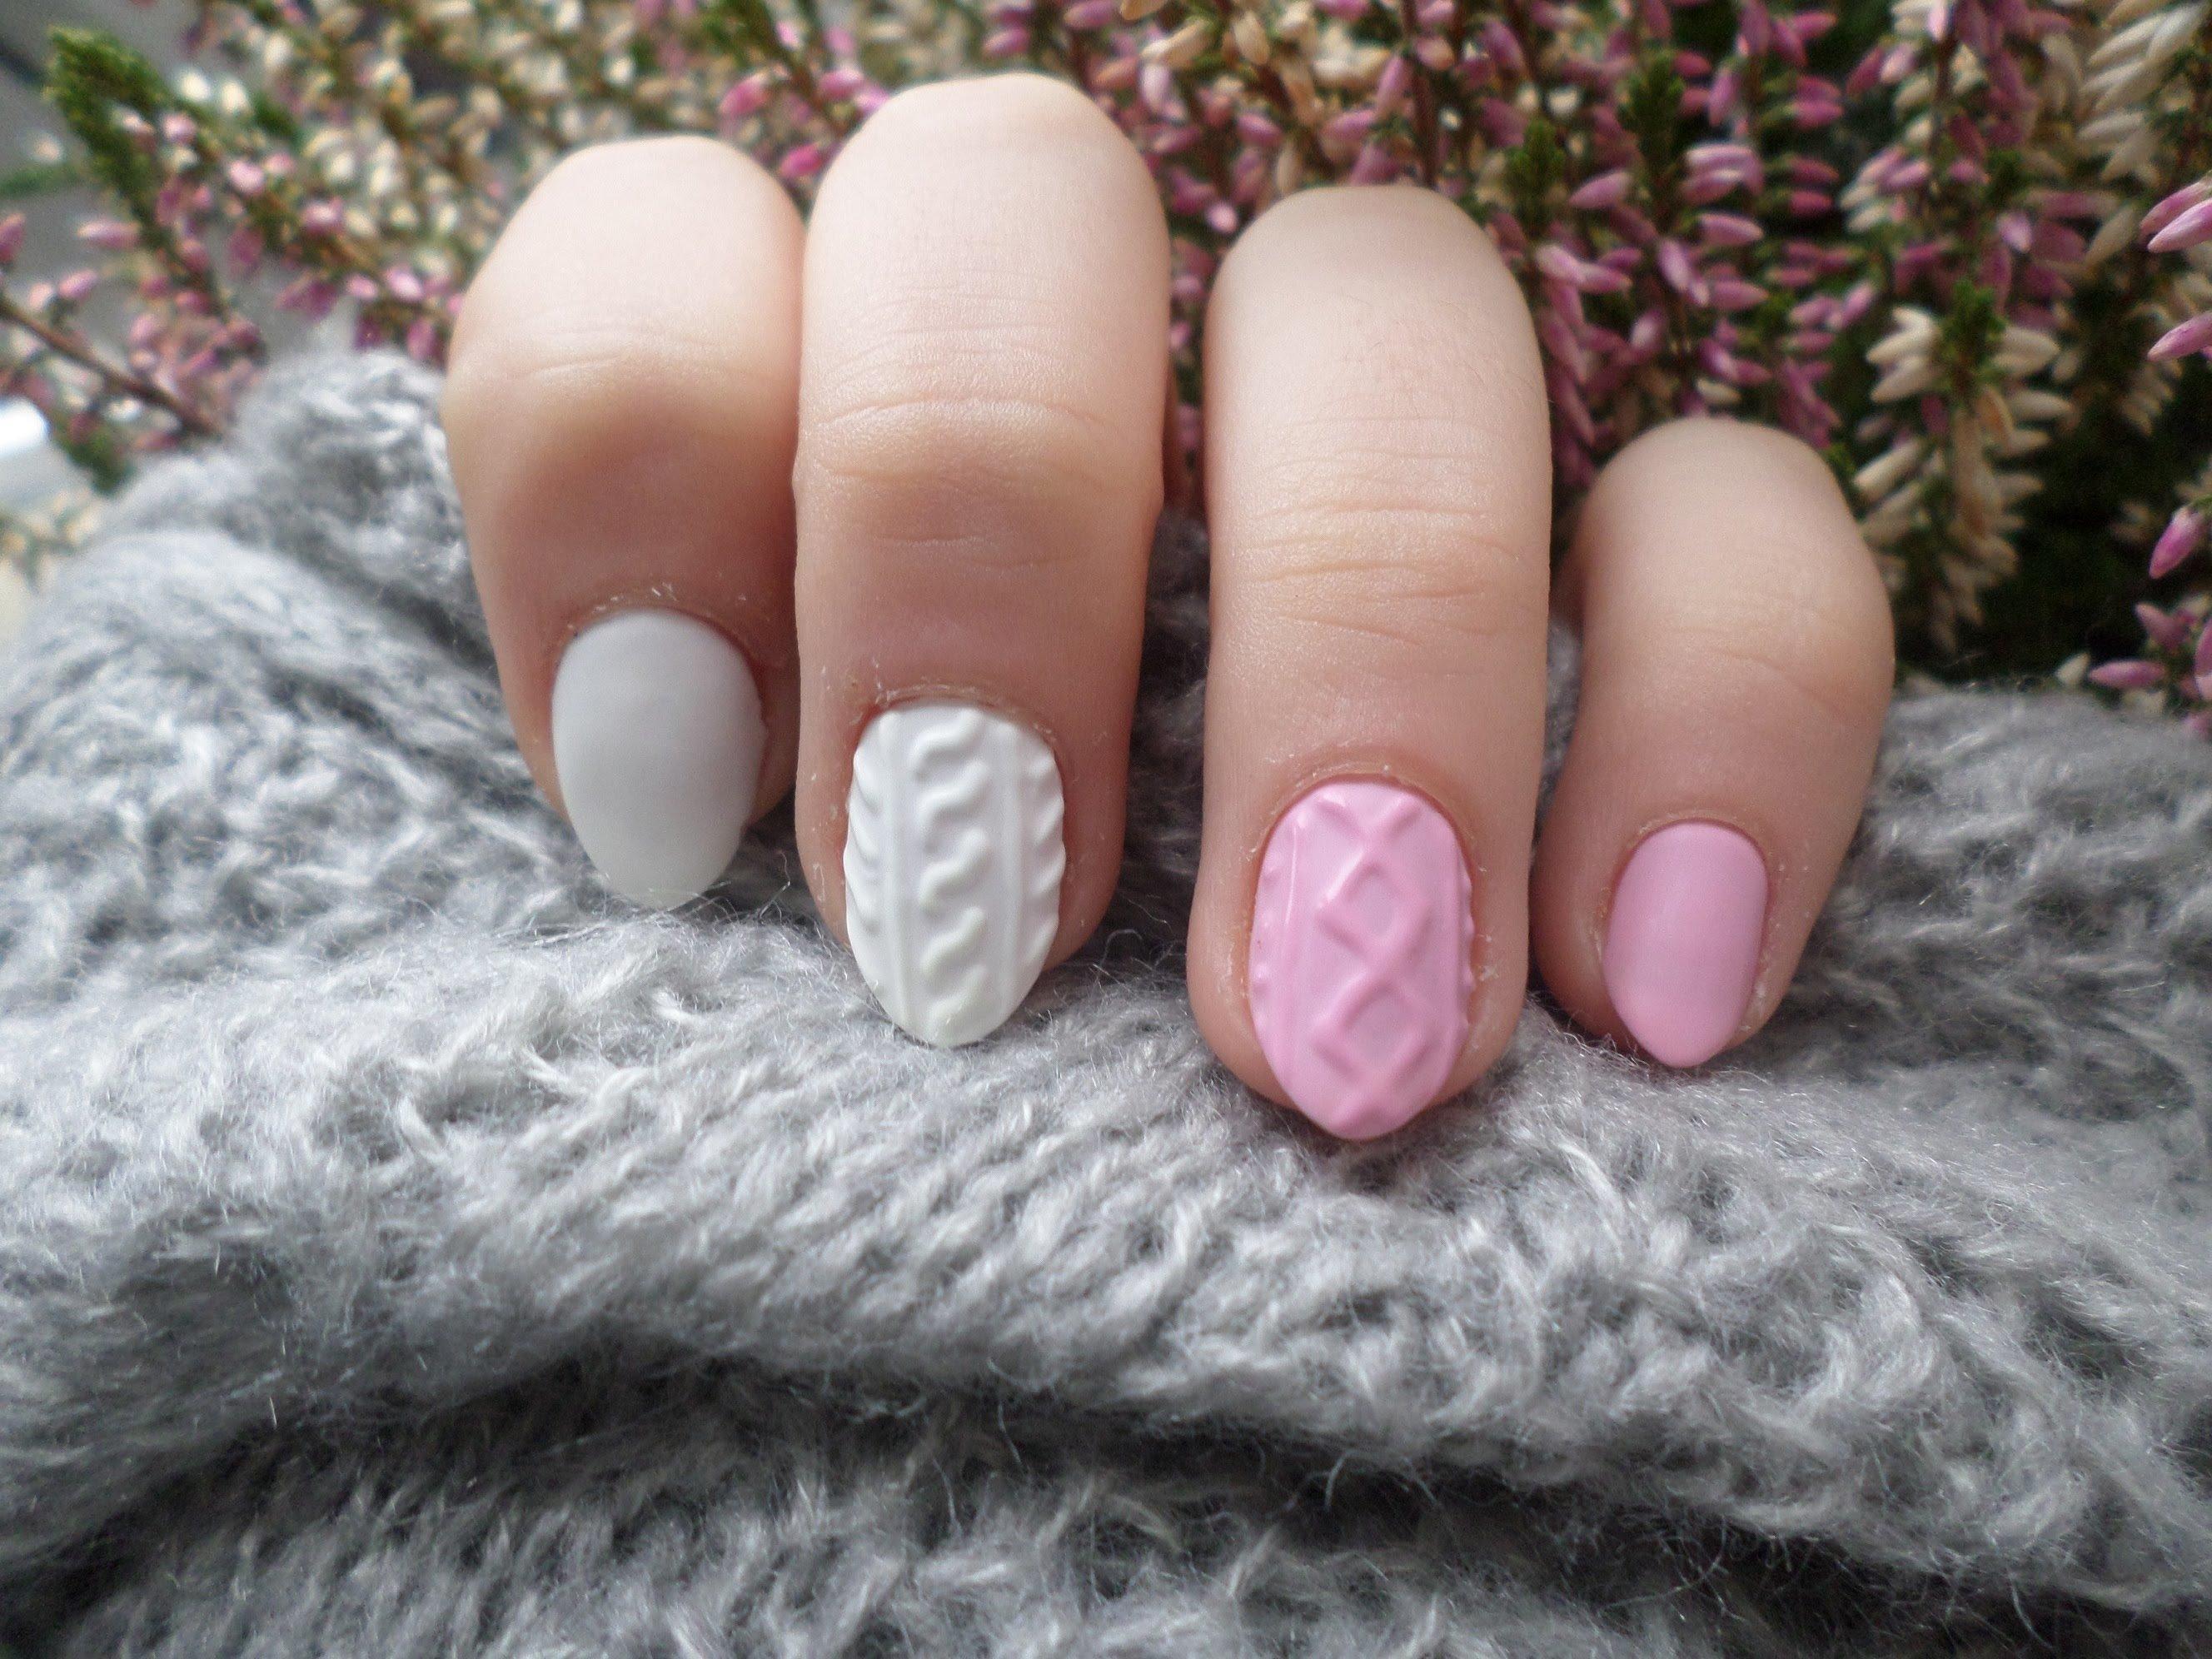 vyazanyj-manikyur-foto_48 Самый красивый дизайн ногтей: 100 ЛУЧШИХ идей и трендов на фото